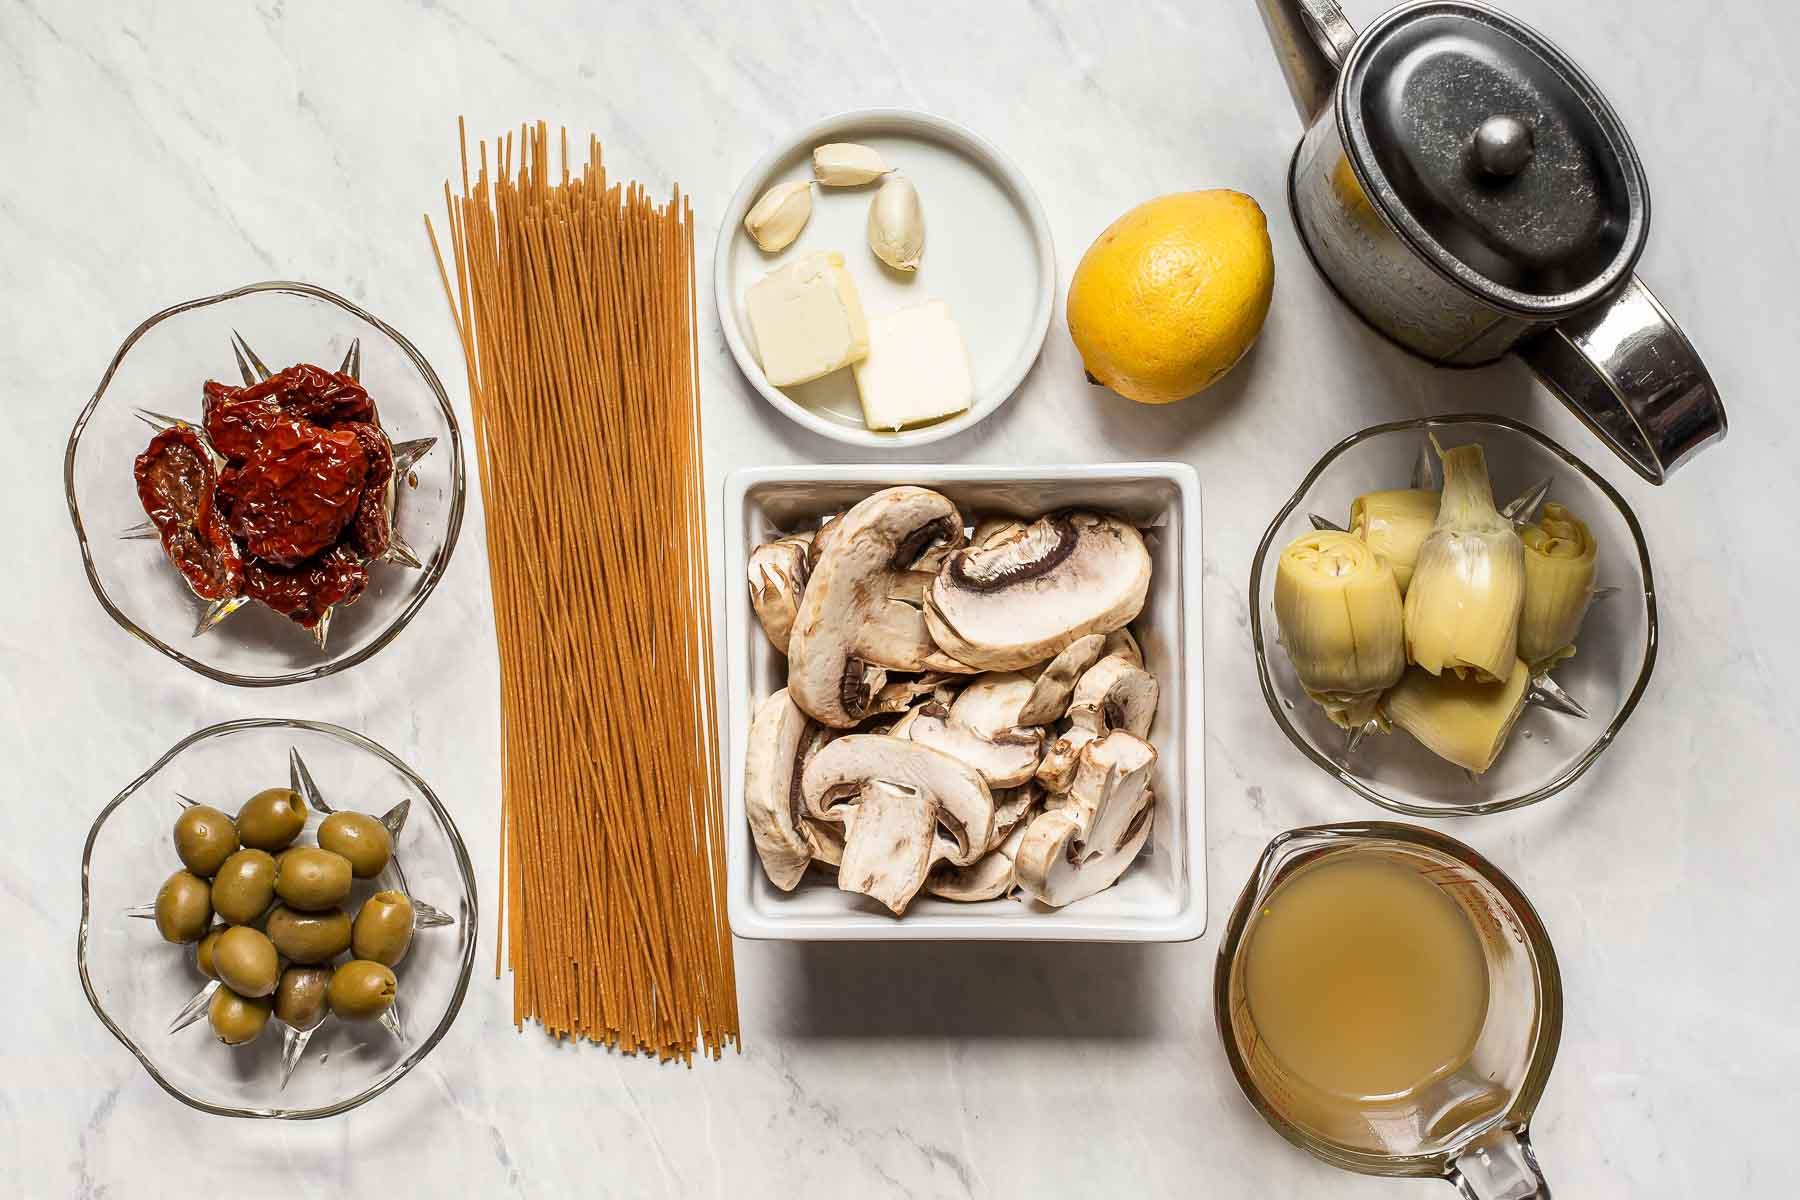 Ingredients for Mediterranean Pasta.